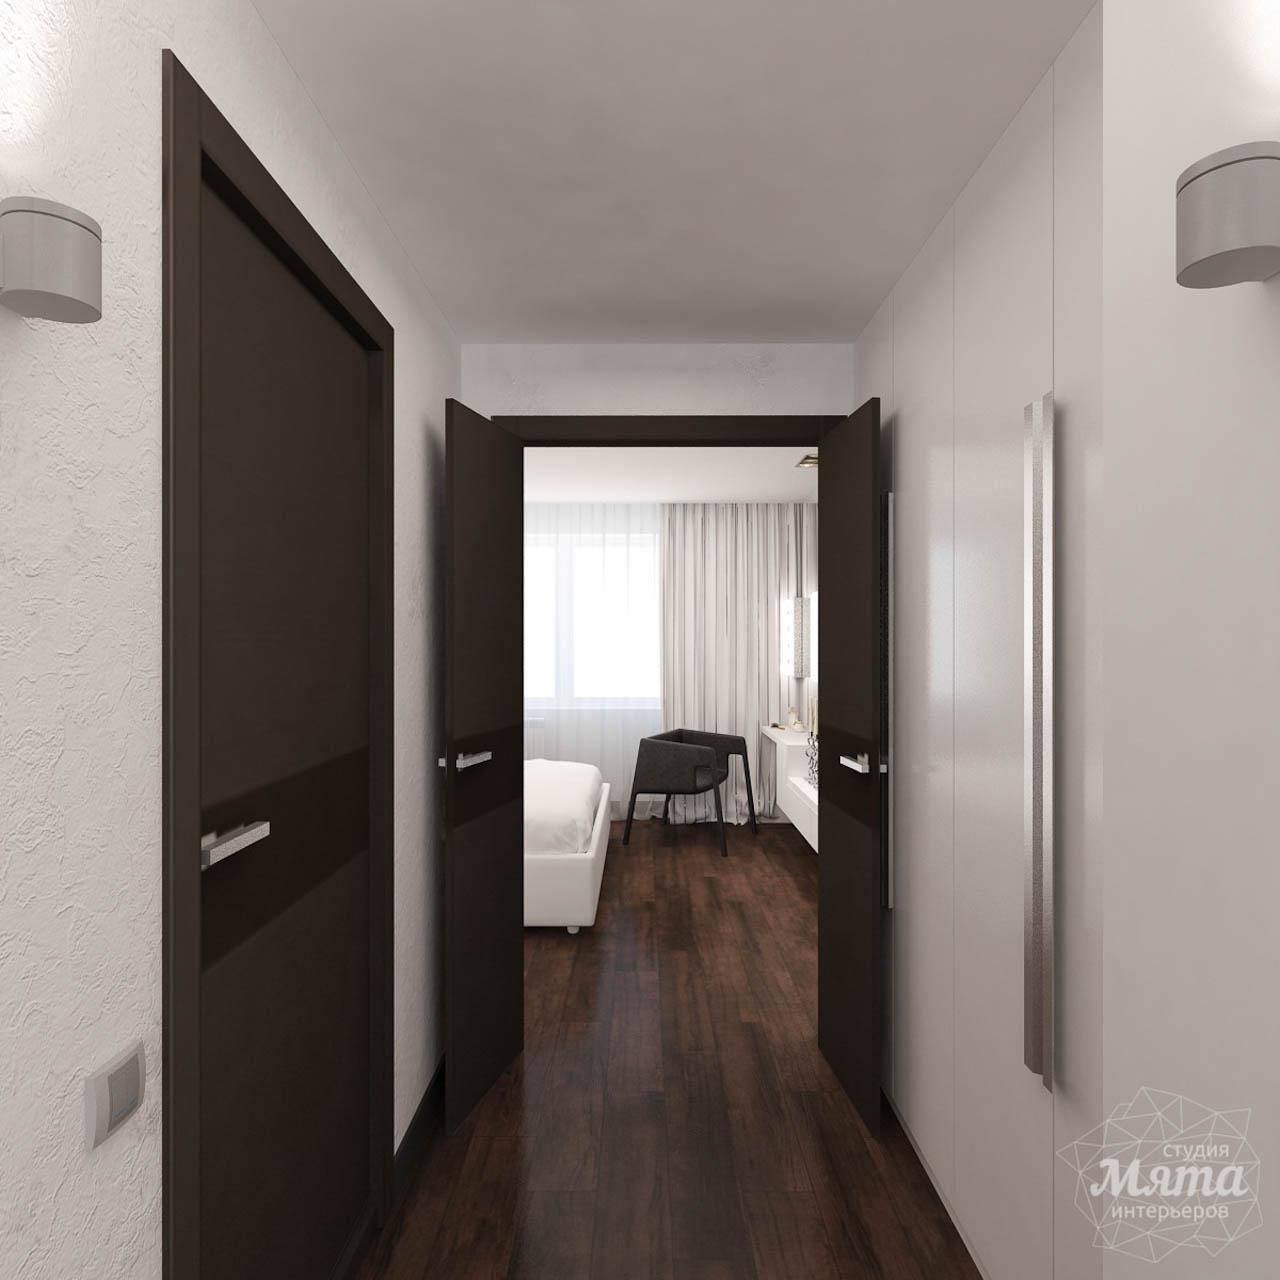 Дизайн интерьера однокомнатной квартиры по ул. Гагарина 27 img75006755